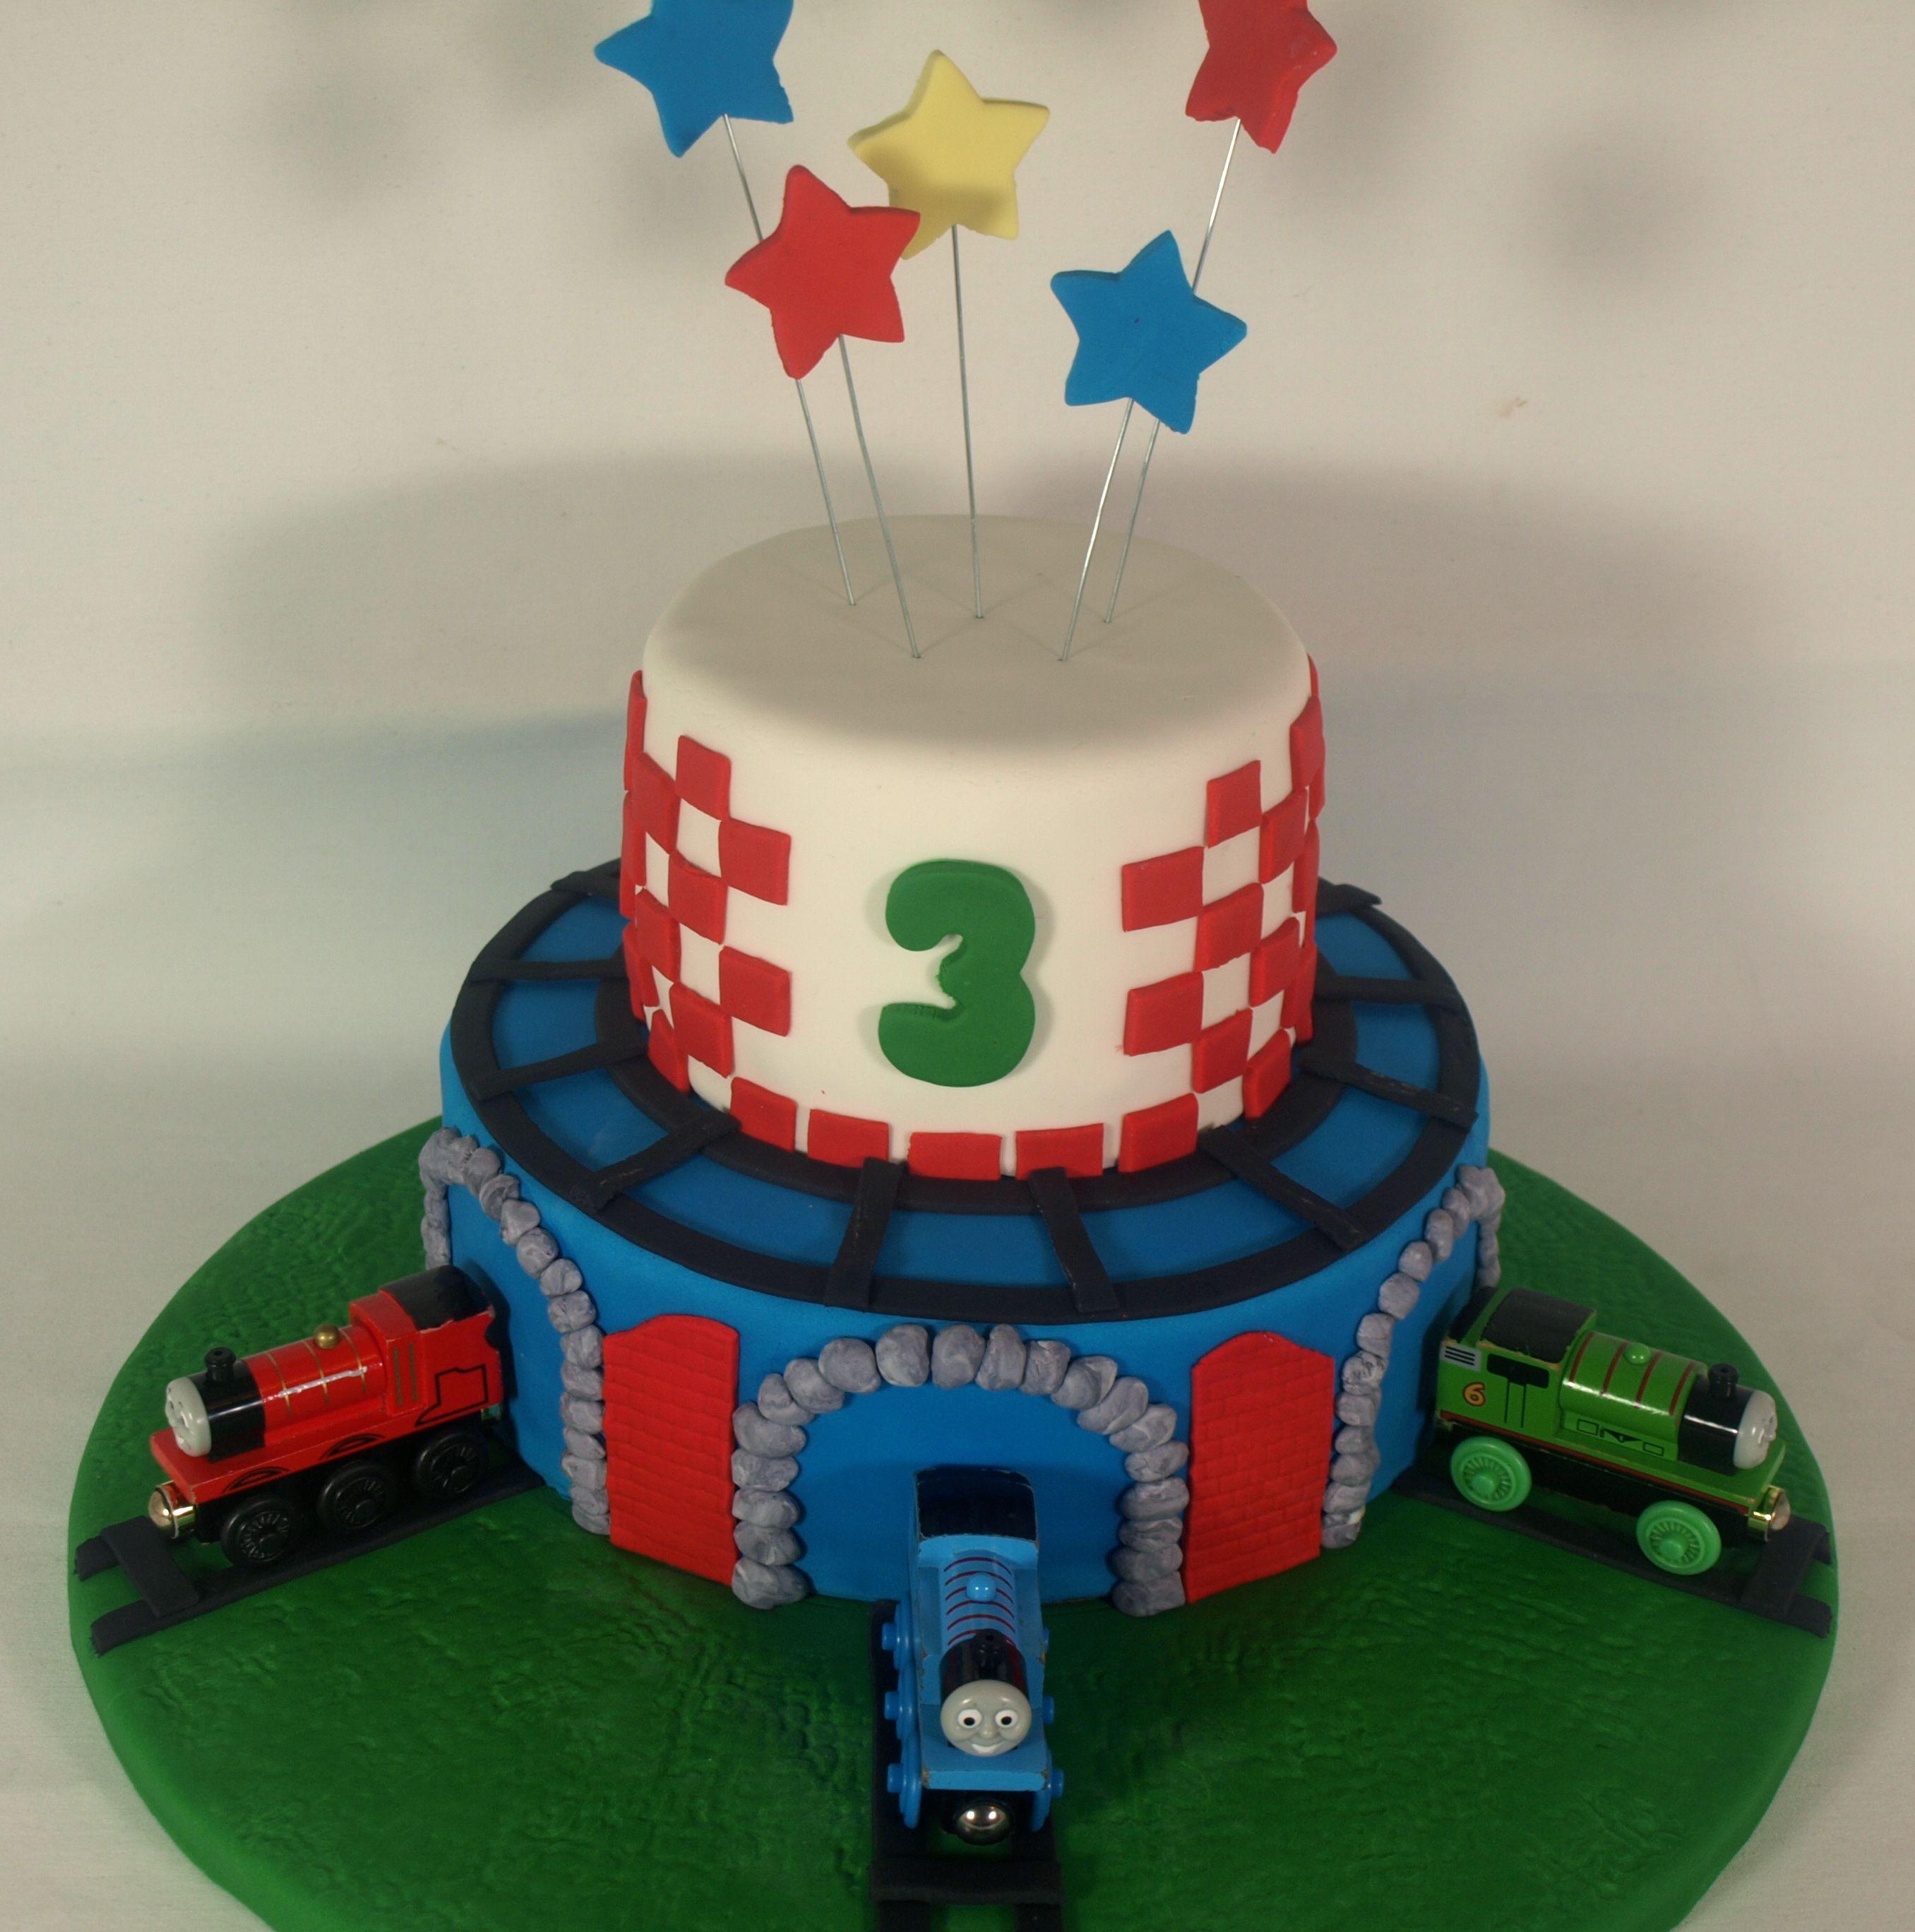 Thomas Birthday Cake Design : Thomas & Friends birthday cake Let s party! Pinterest